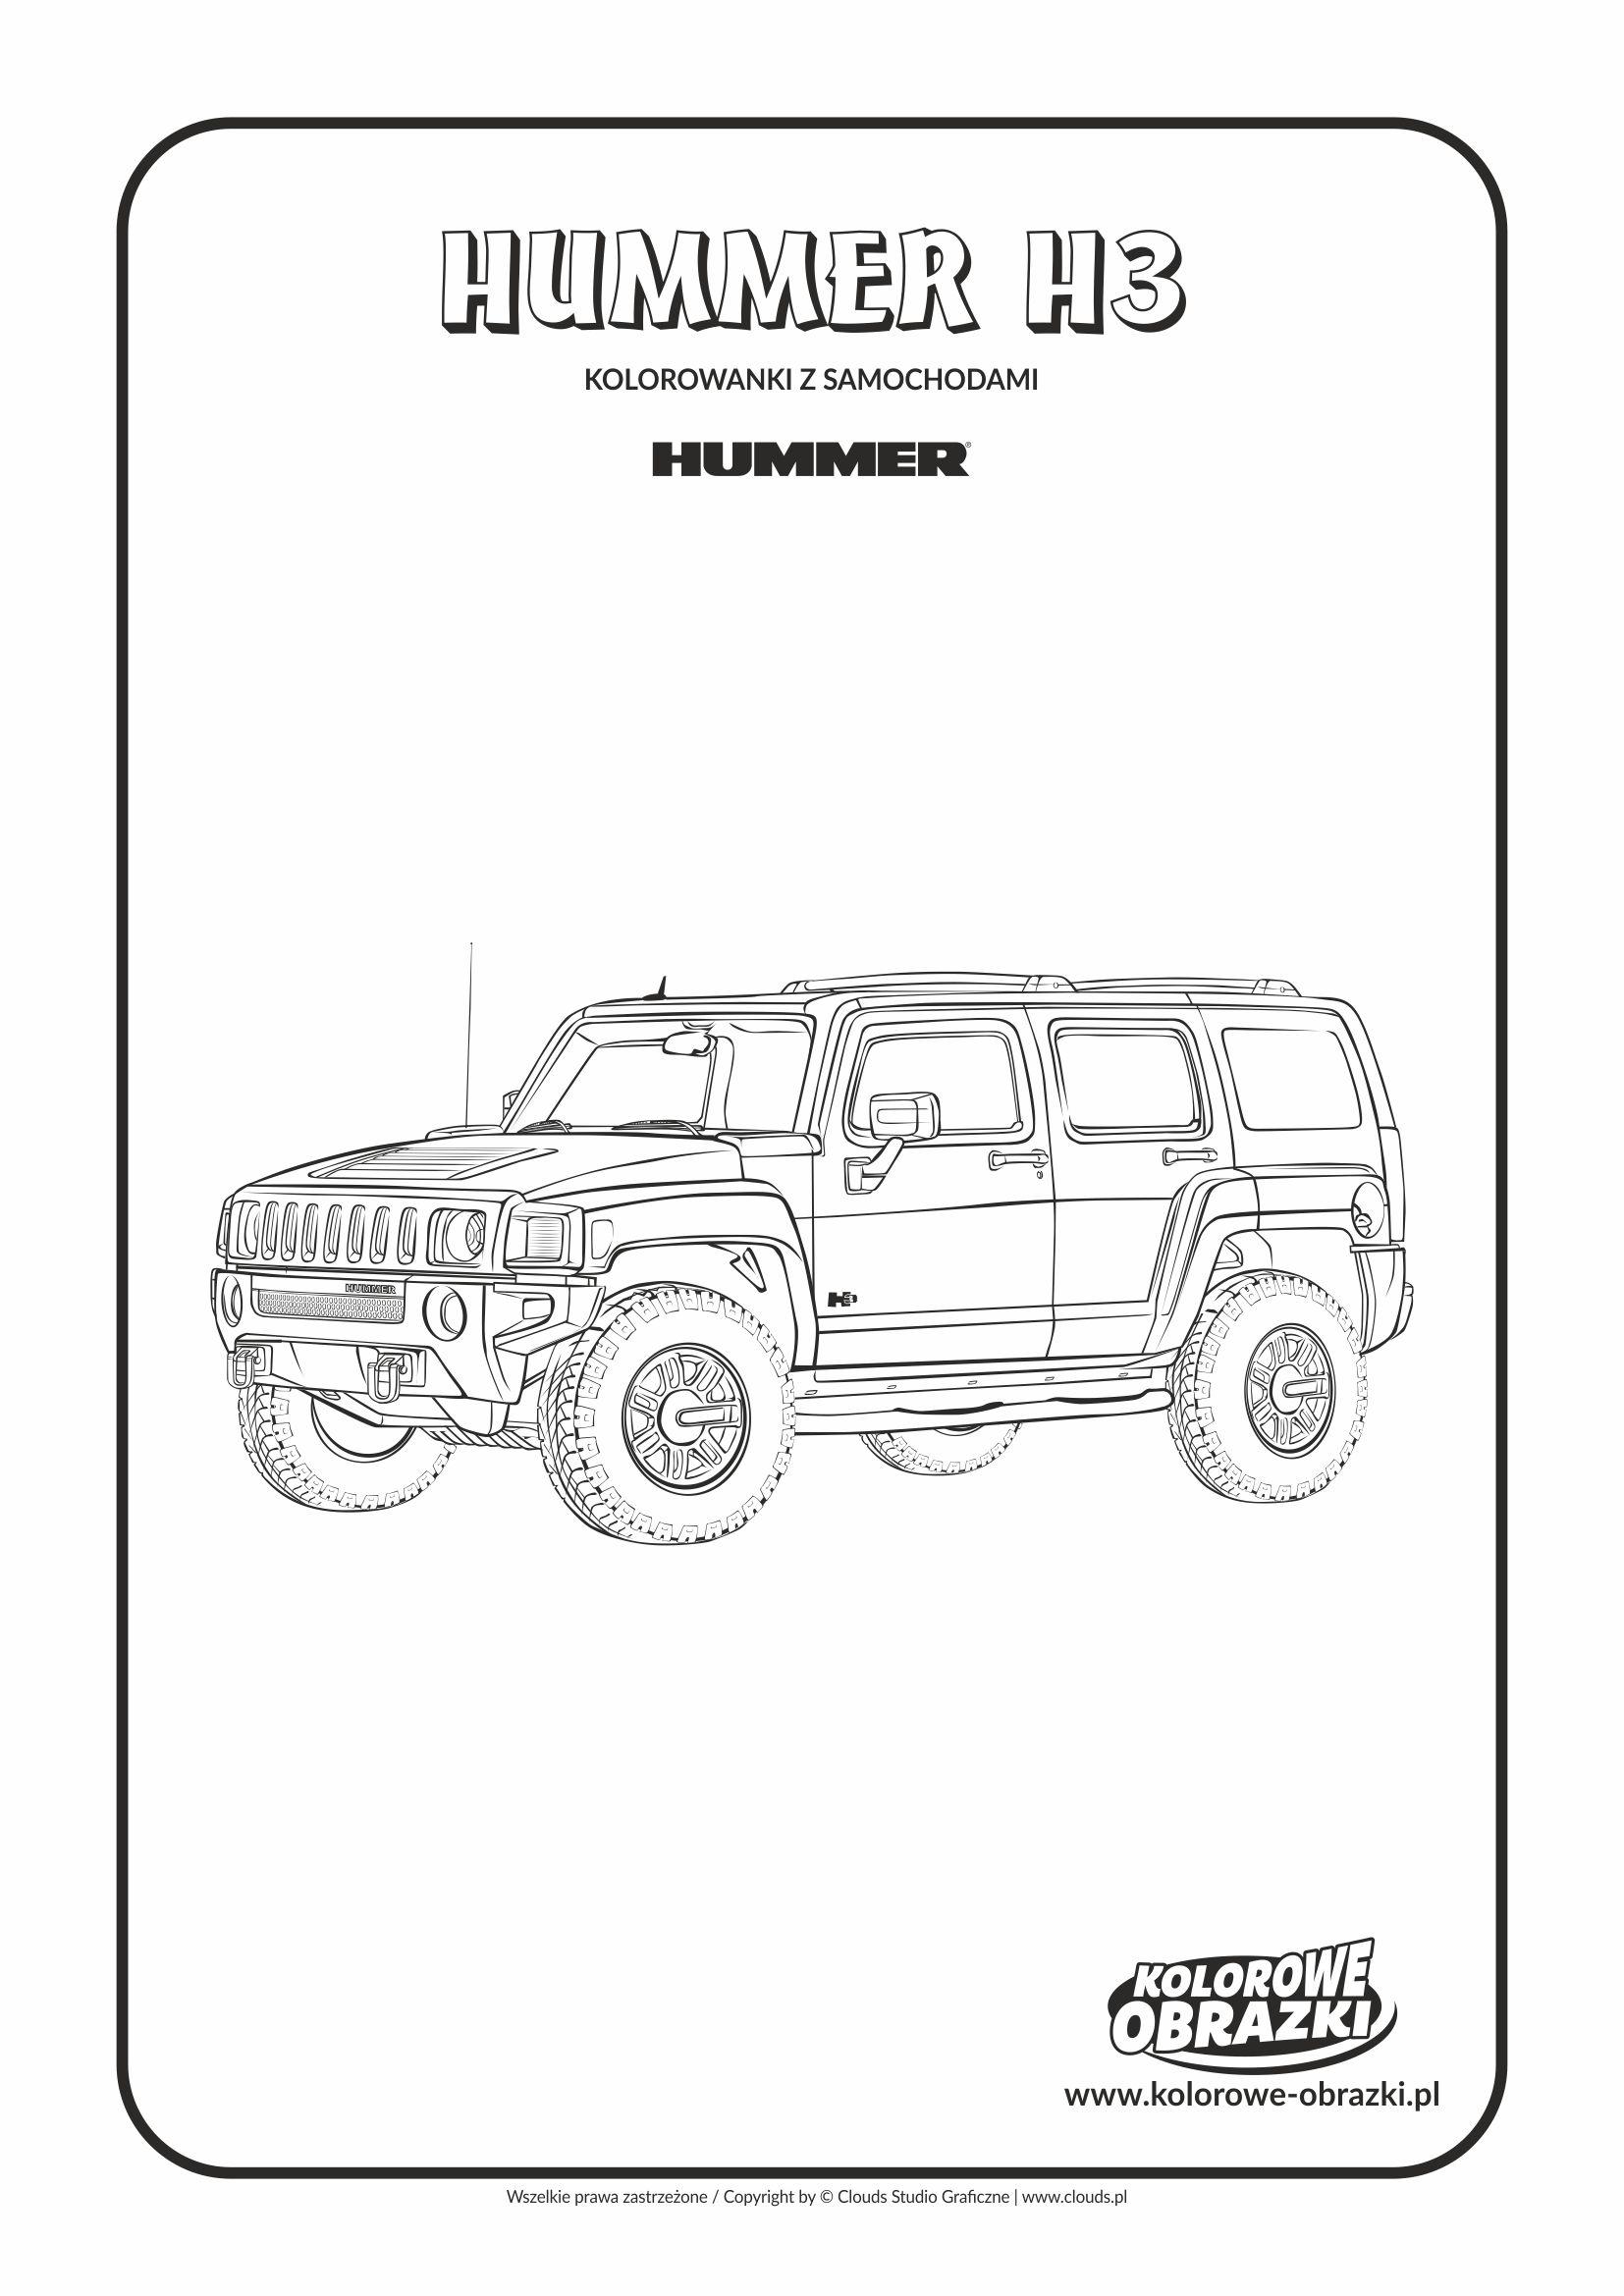 Kolorowanki dla dzieci - Pojazdy / Hummer H3. Kolorowanka z Hummerem H3